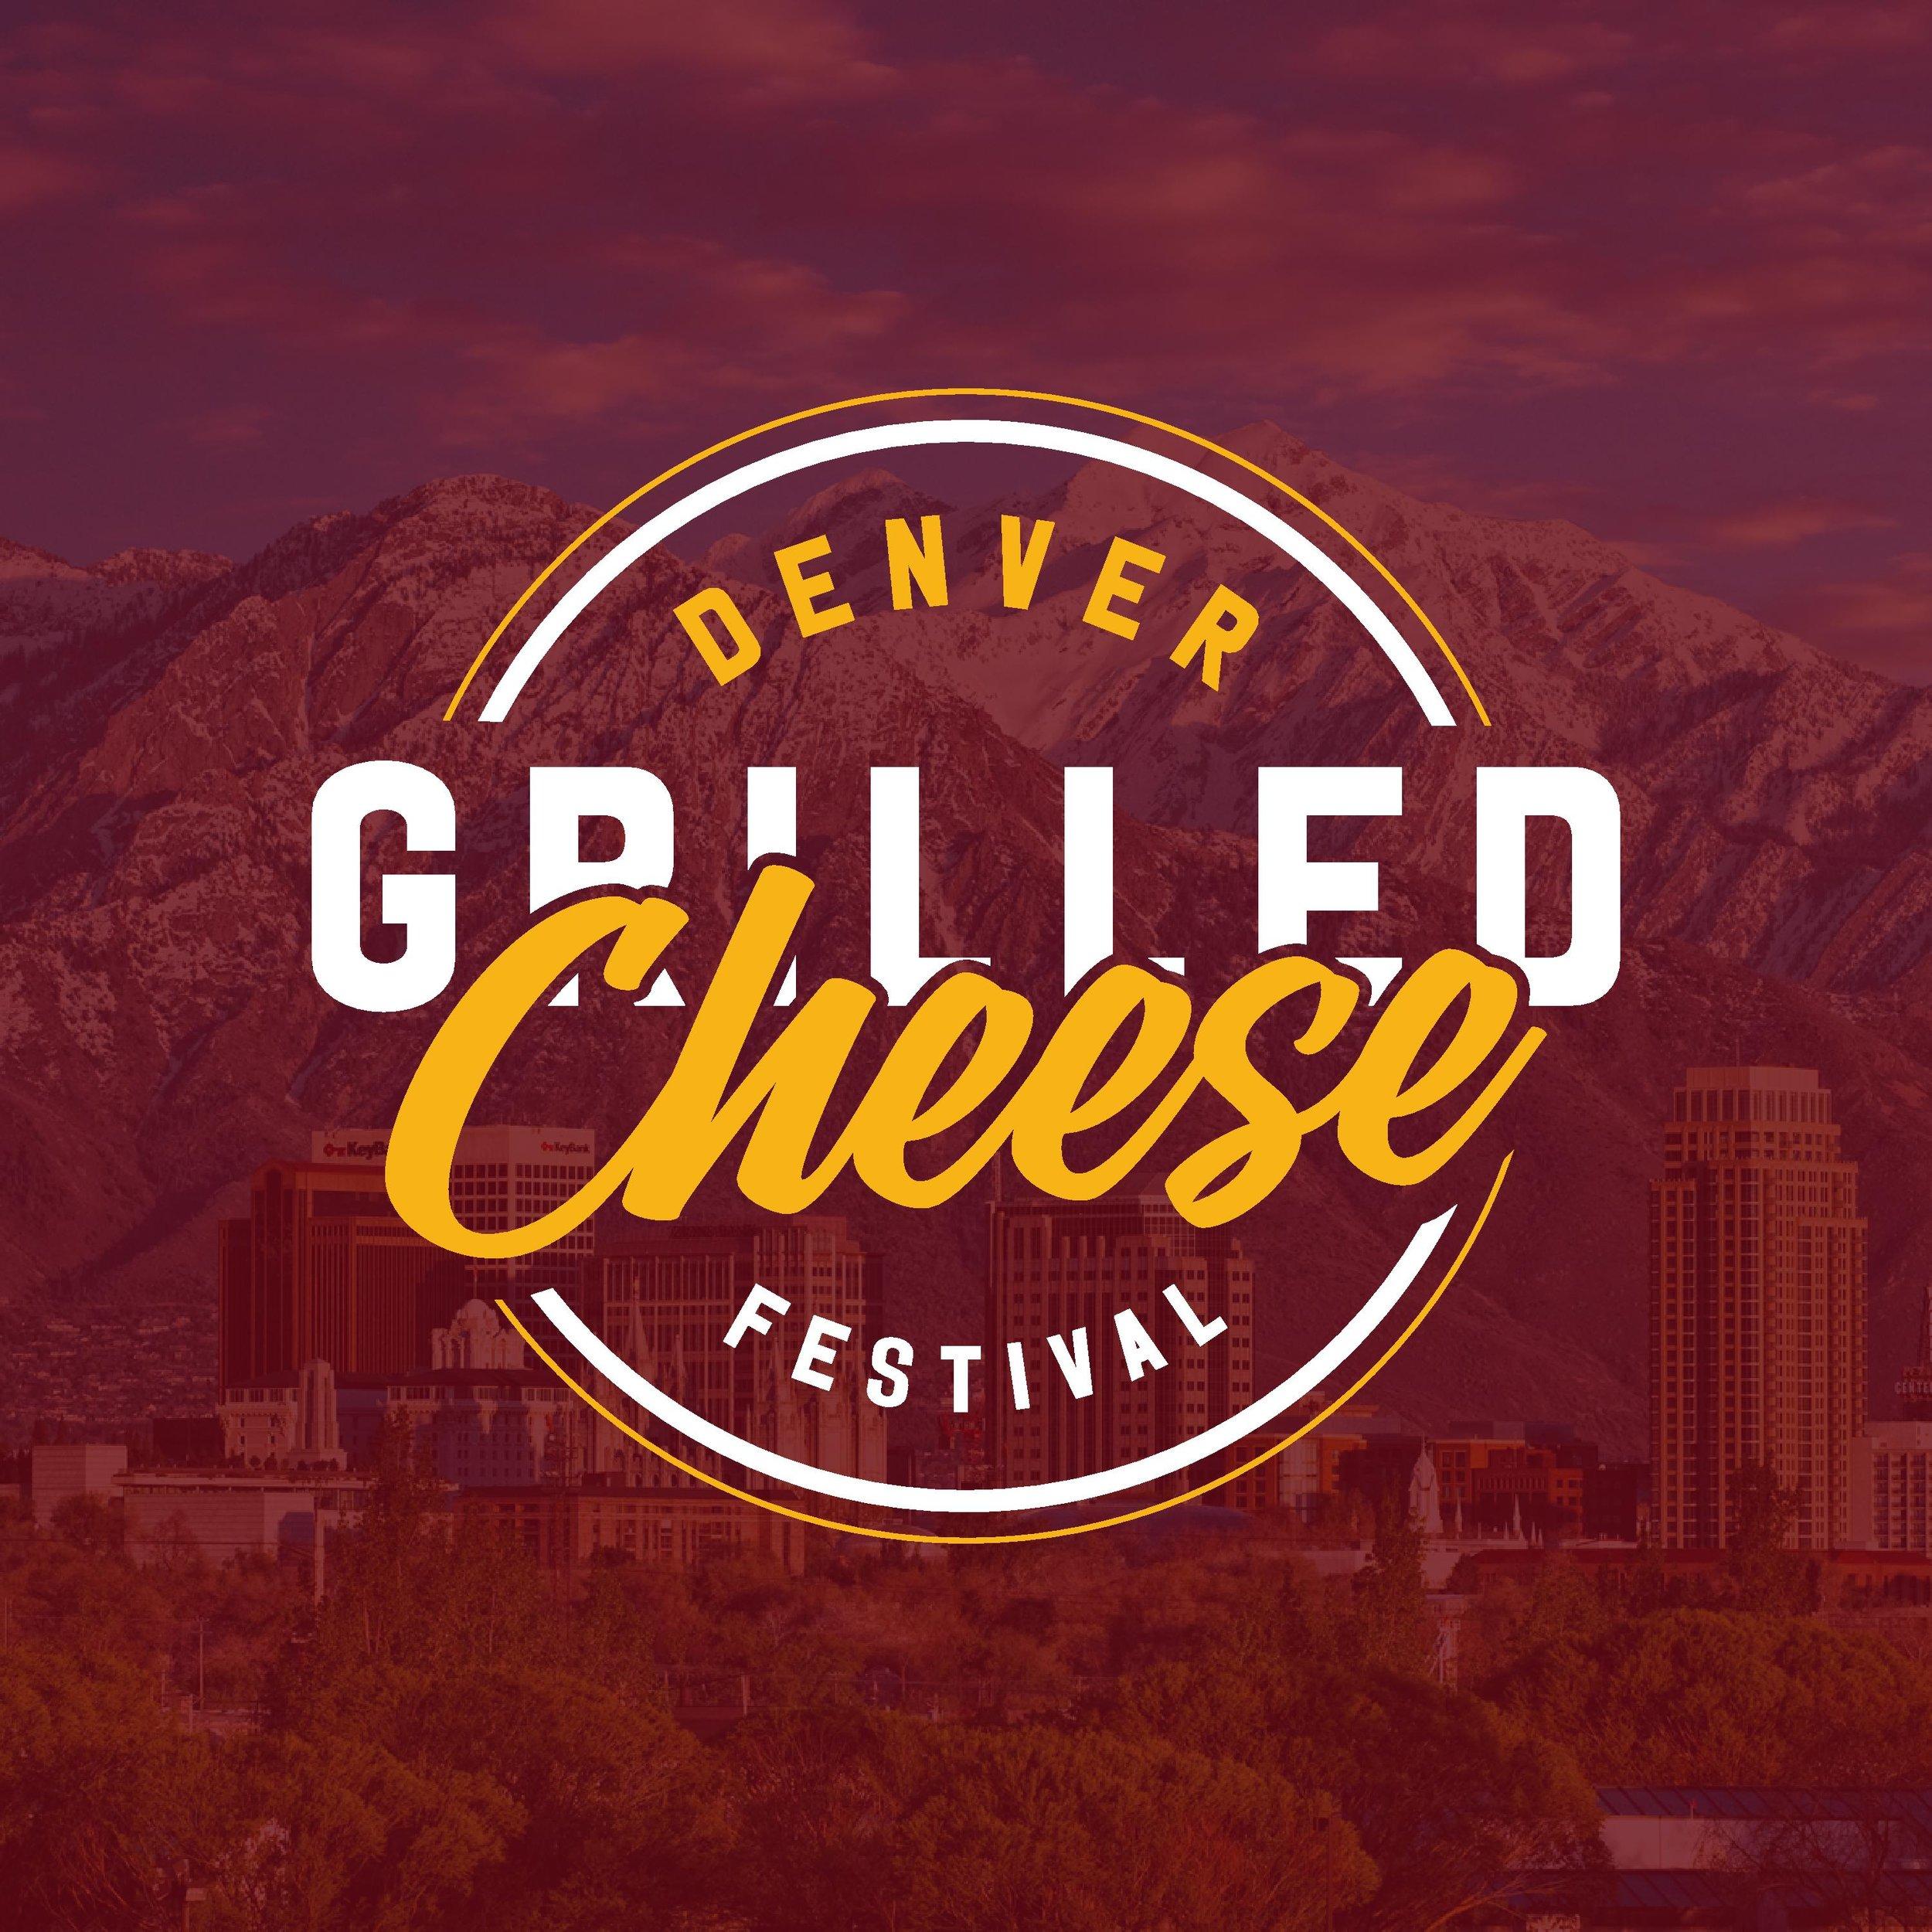 DenverGrilledCheese_Logo-page-001.jpg